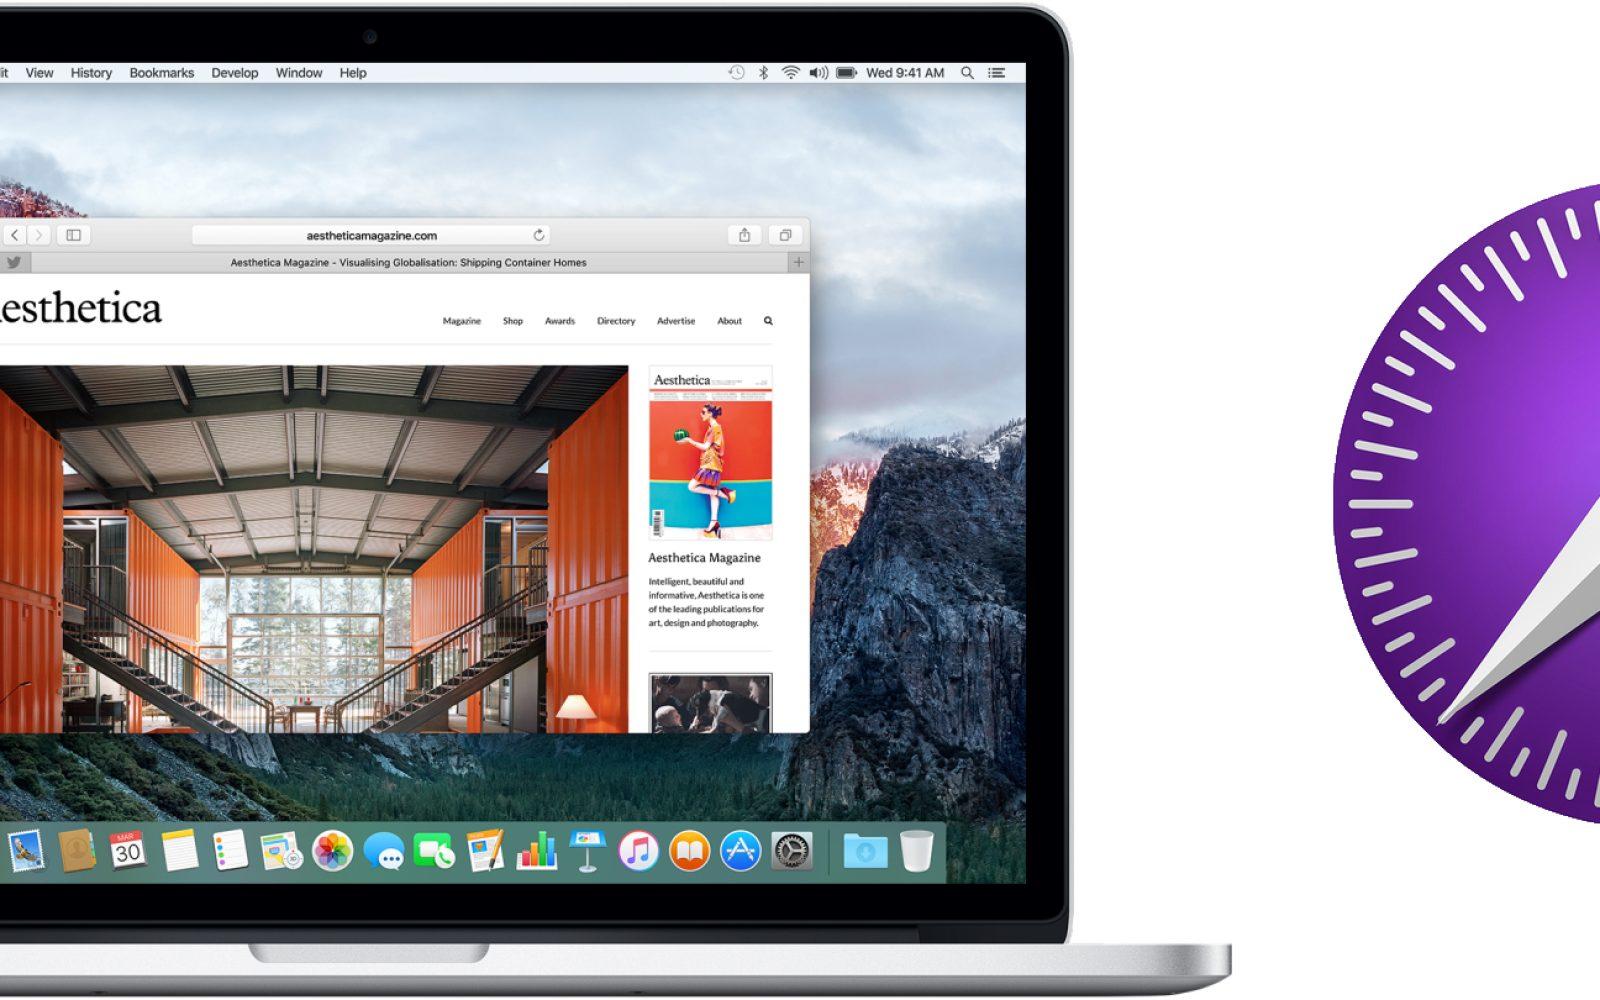 Safari Technology Preview - 9to5Mac